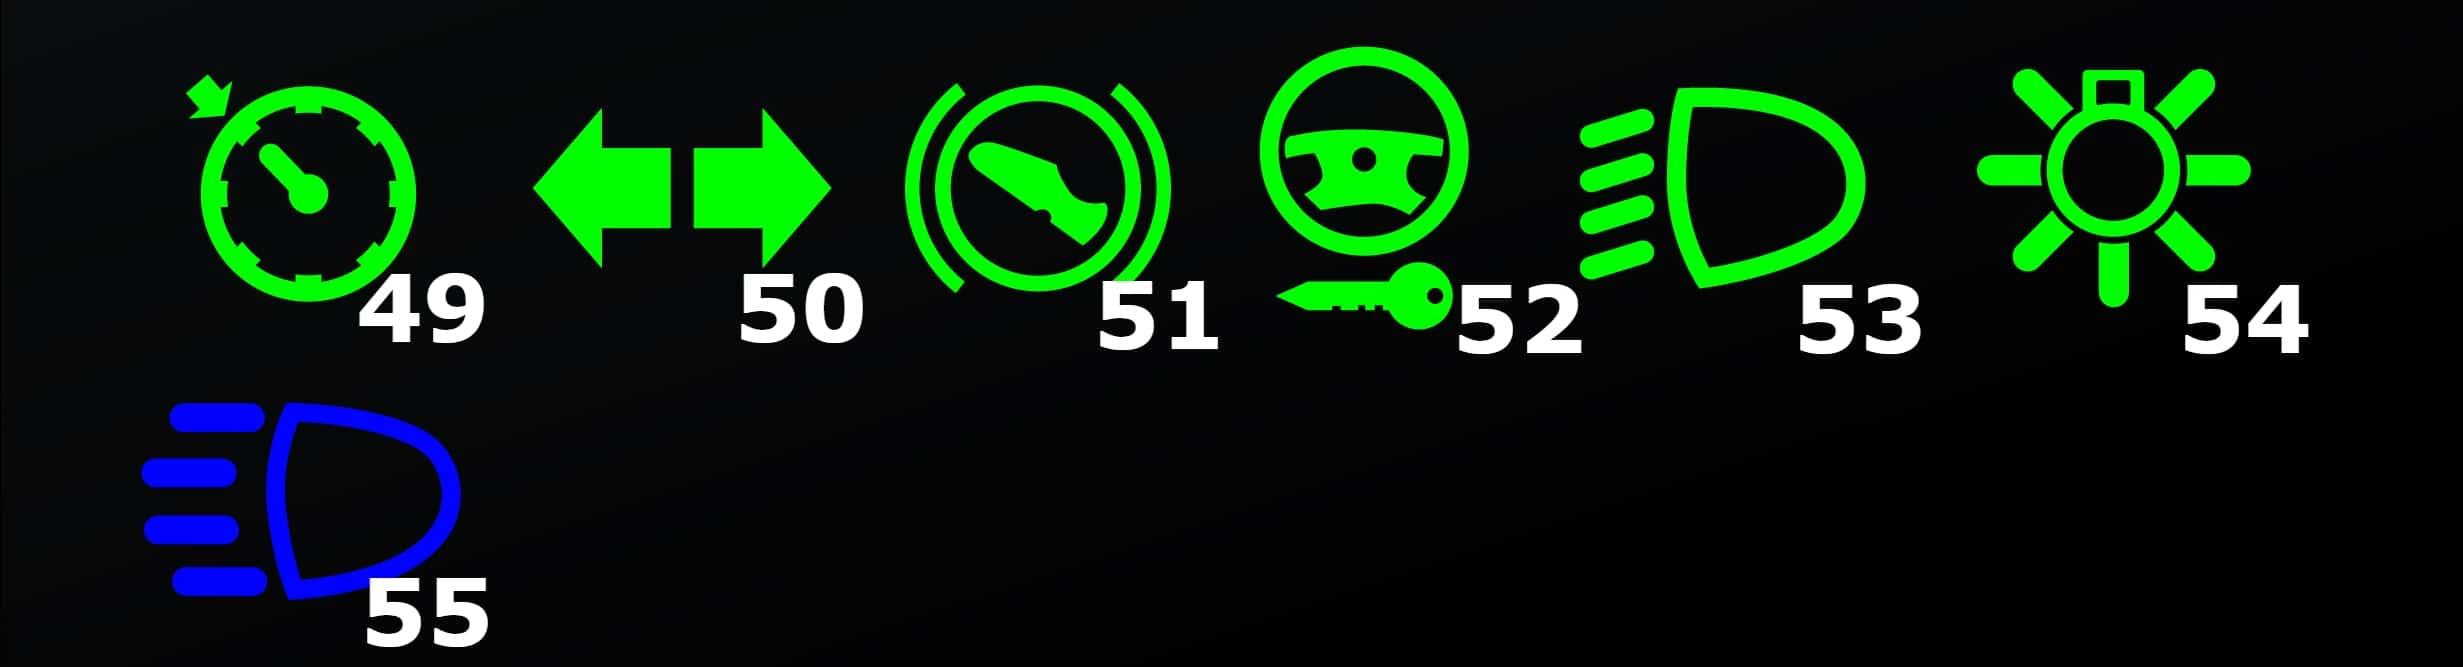 martori-bord-verde